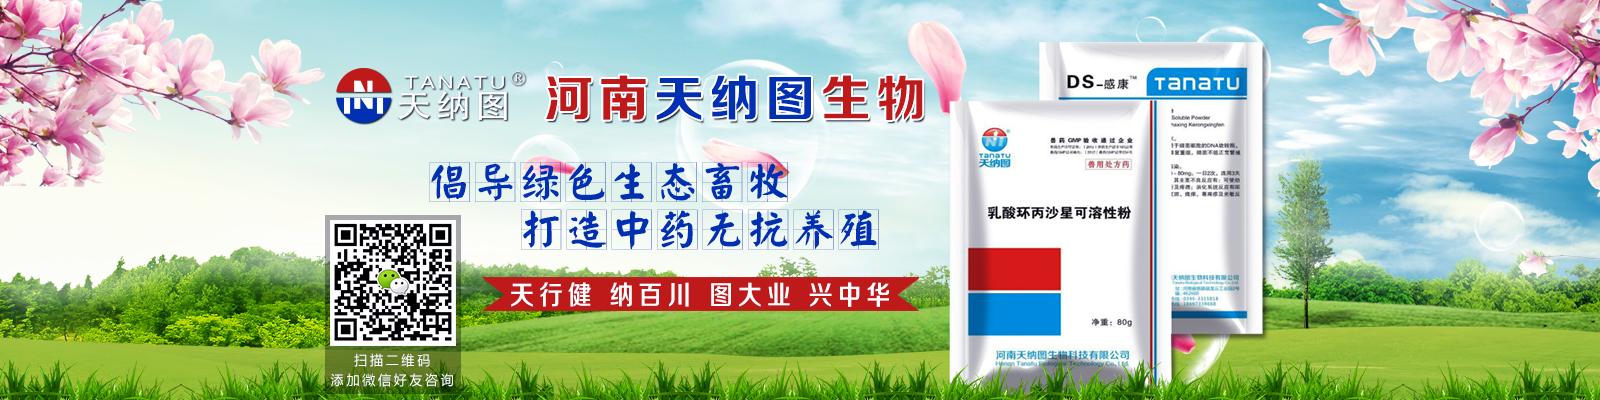 河南天纳图生物科技有限公司